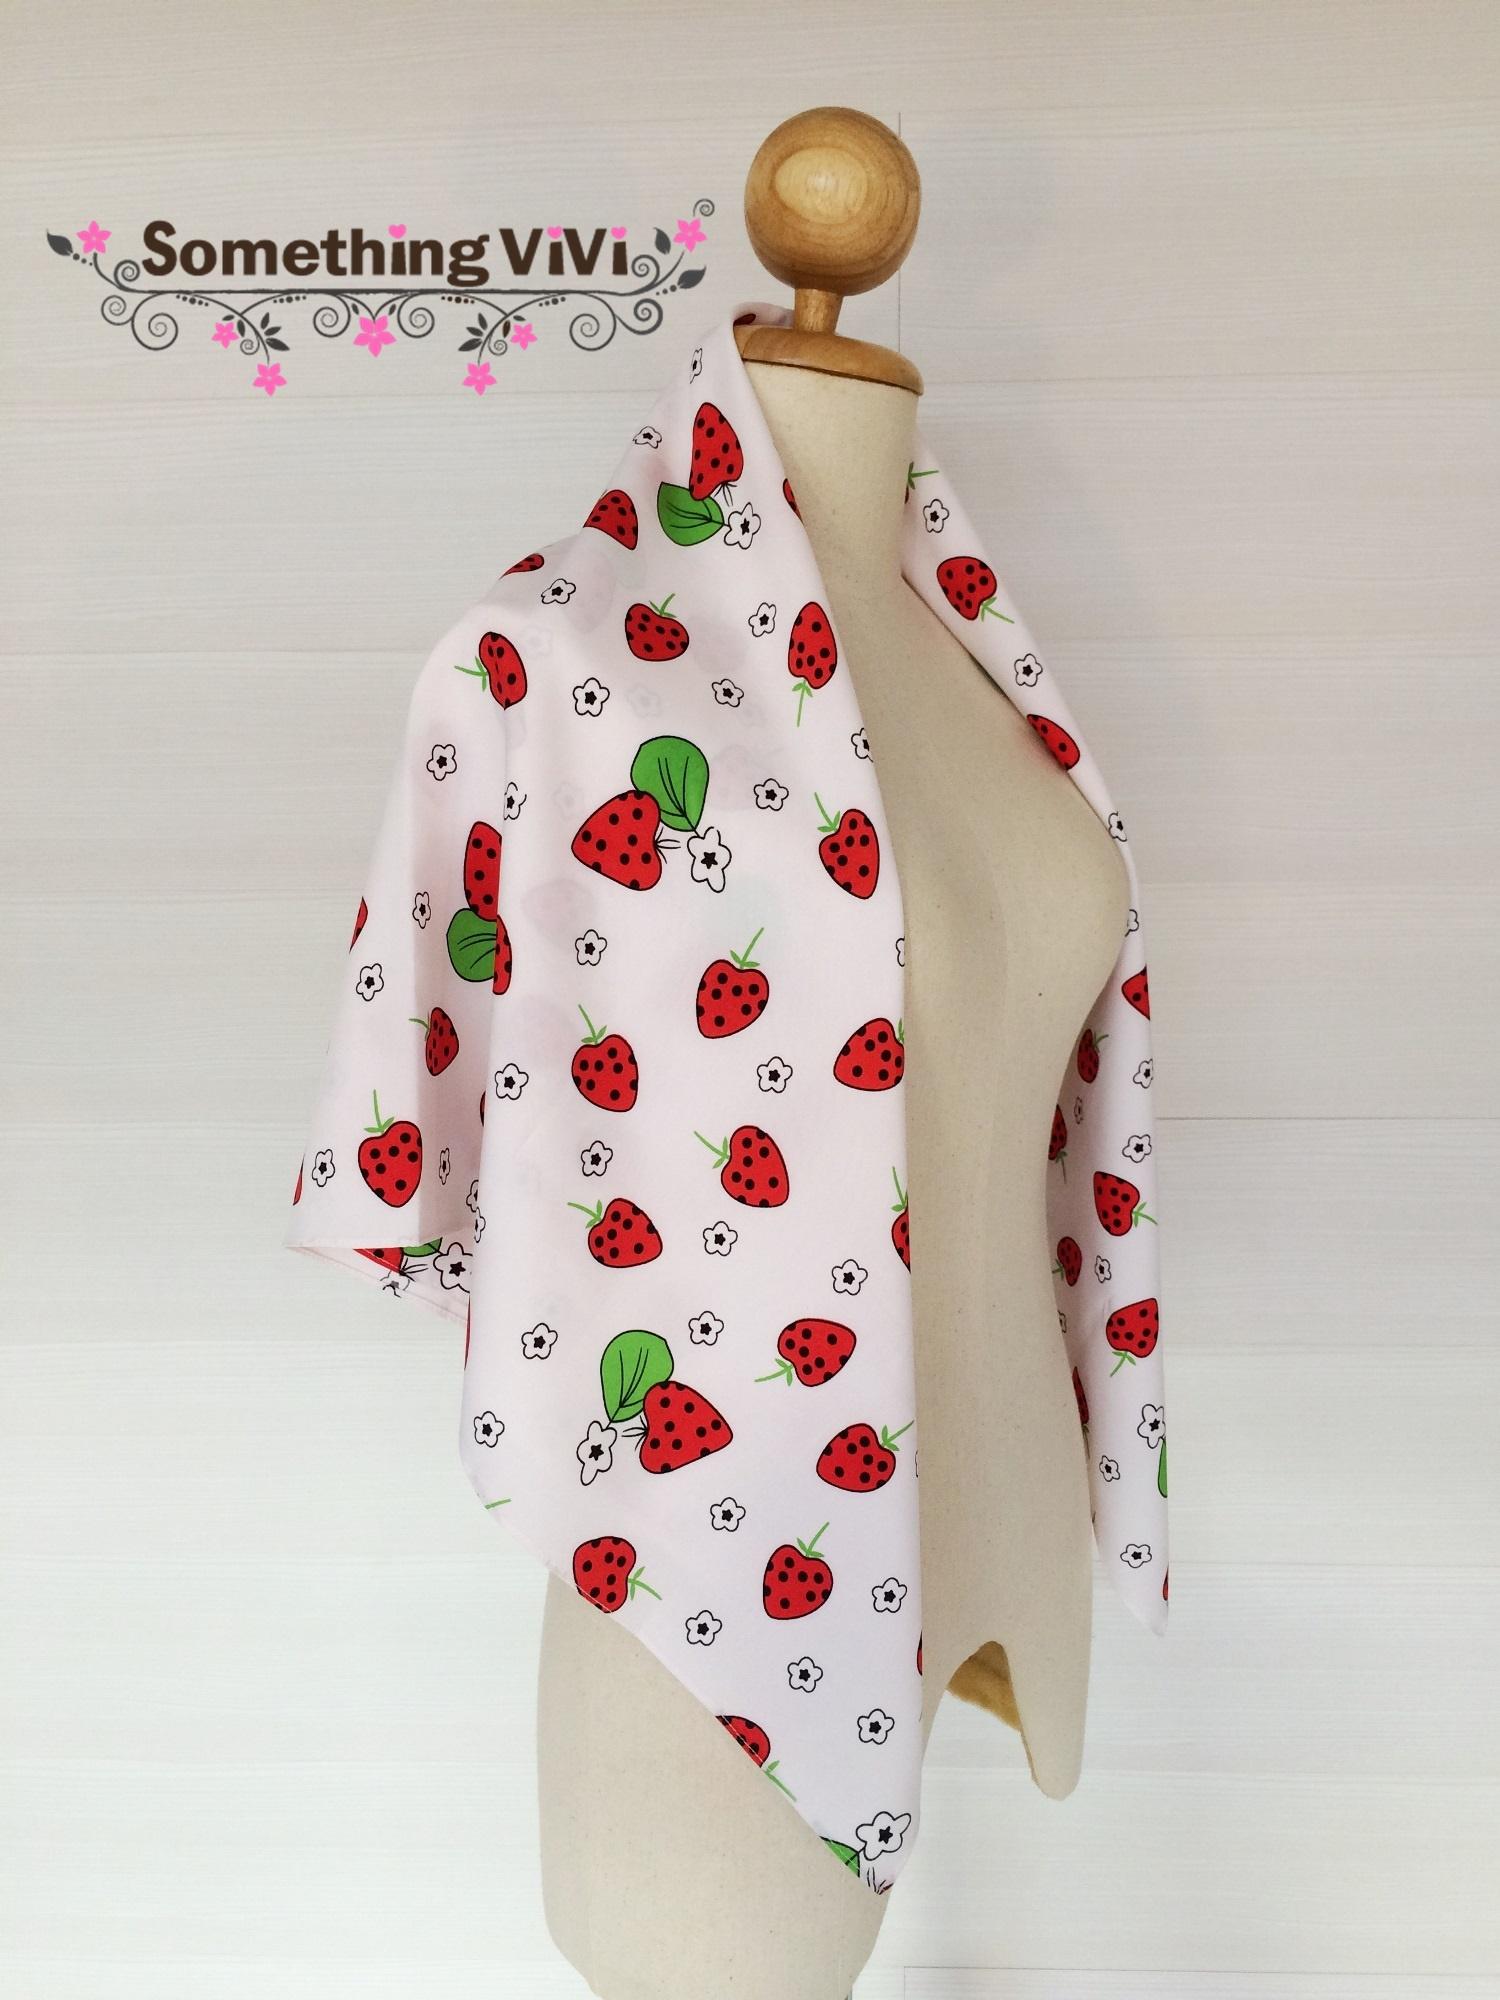 ผ้าพันคอ/ผ้าคลุมไหล่/ผ้าคลุมให้นม รุ่น Strawberry A Pois (Size L) สีตามภาพ ผ้าพันคอสีขาวตัดกับลาย Strawberry อย่างลงตัว มุ้งมิ้งน่ารักไปอีกแบบ สลับกับลายดอกไม้ประปรายทั่วผืนผ้า ลายน่ารักสดใสขนาดนี้อย่าพลาดนะคะ พร้อมกล่อง/ซองแพคเกจอย่างดี ของขวัญ/ของฝาก